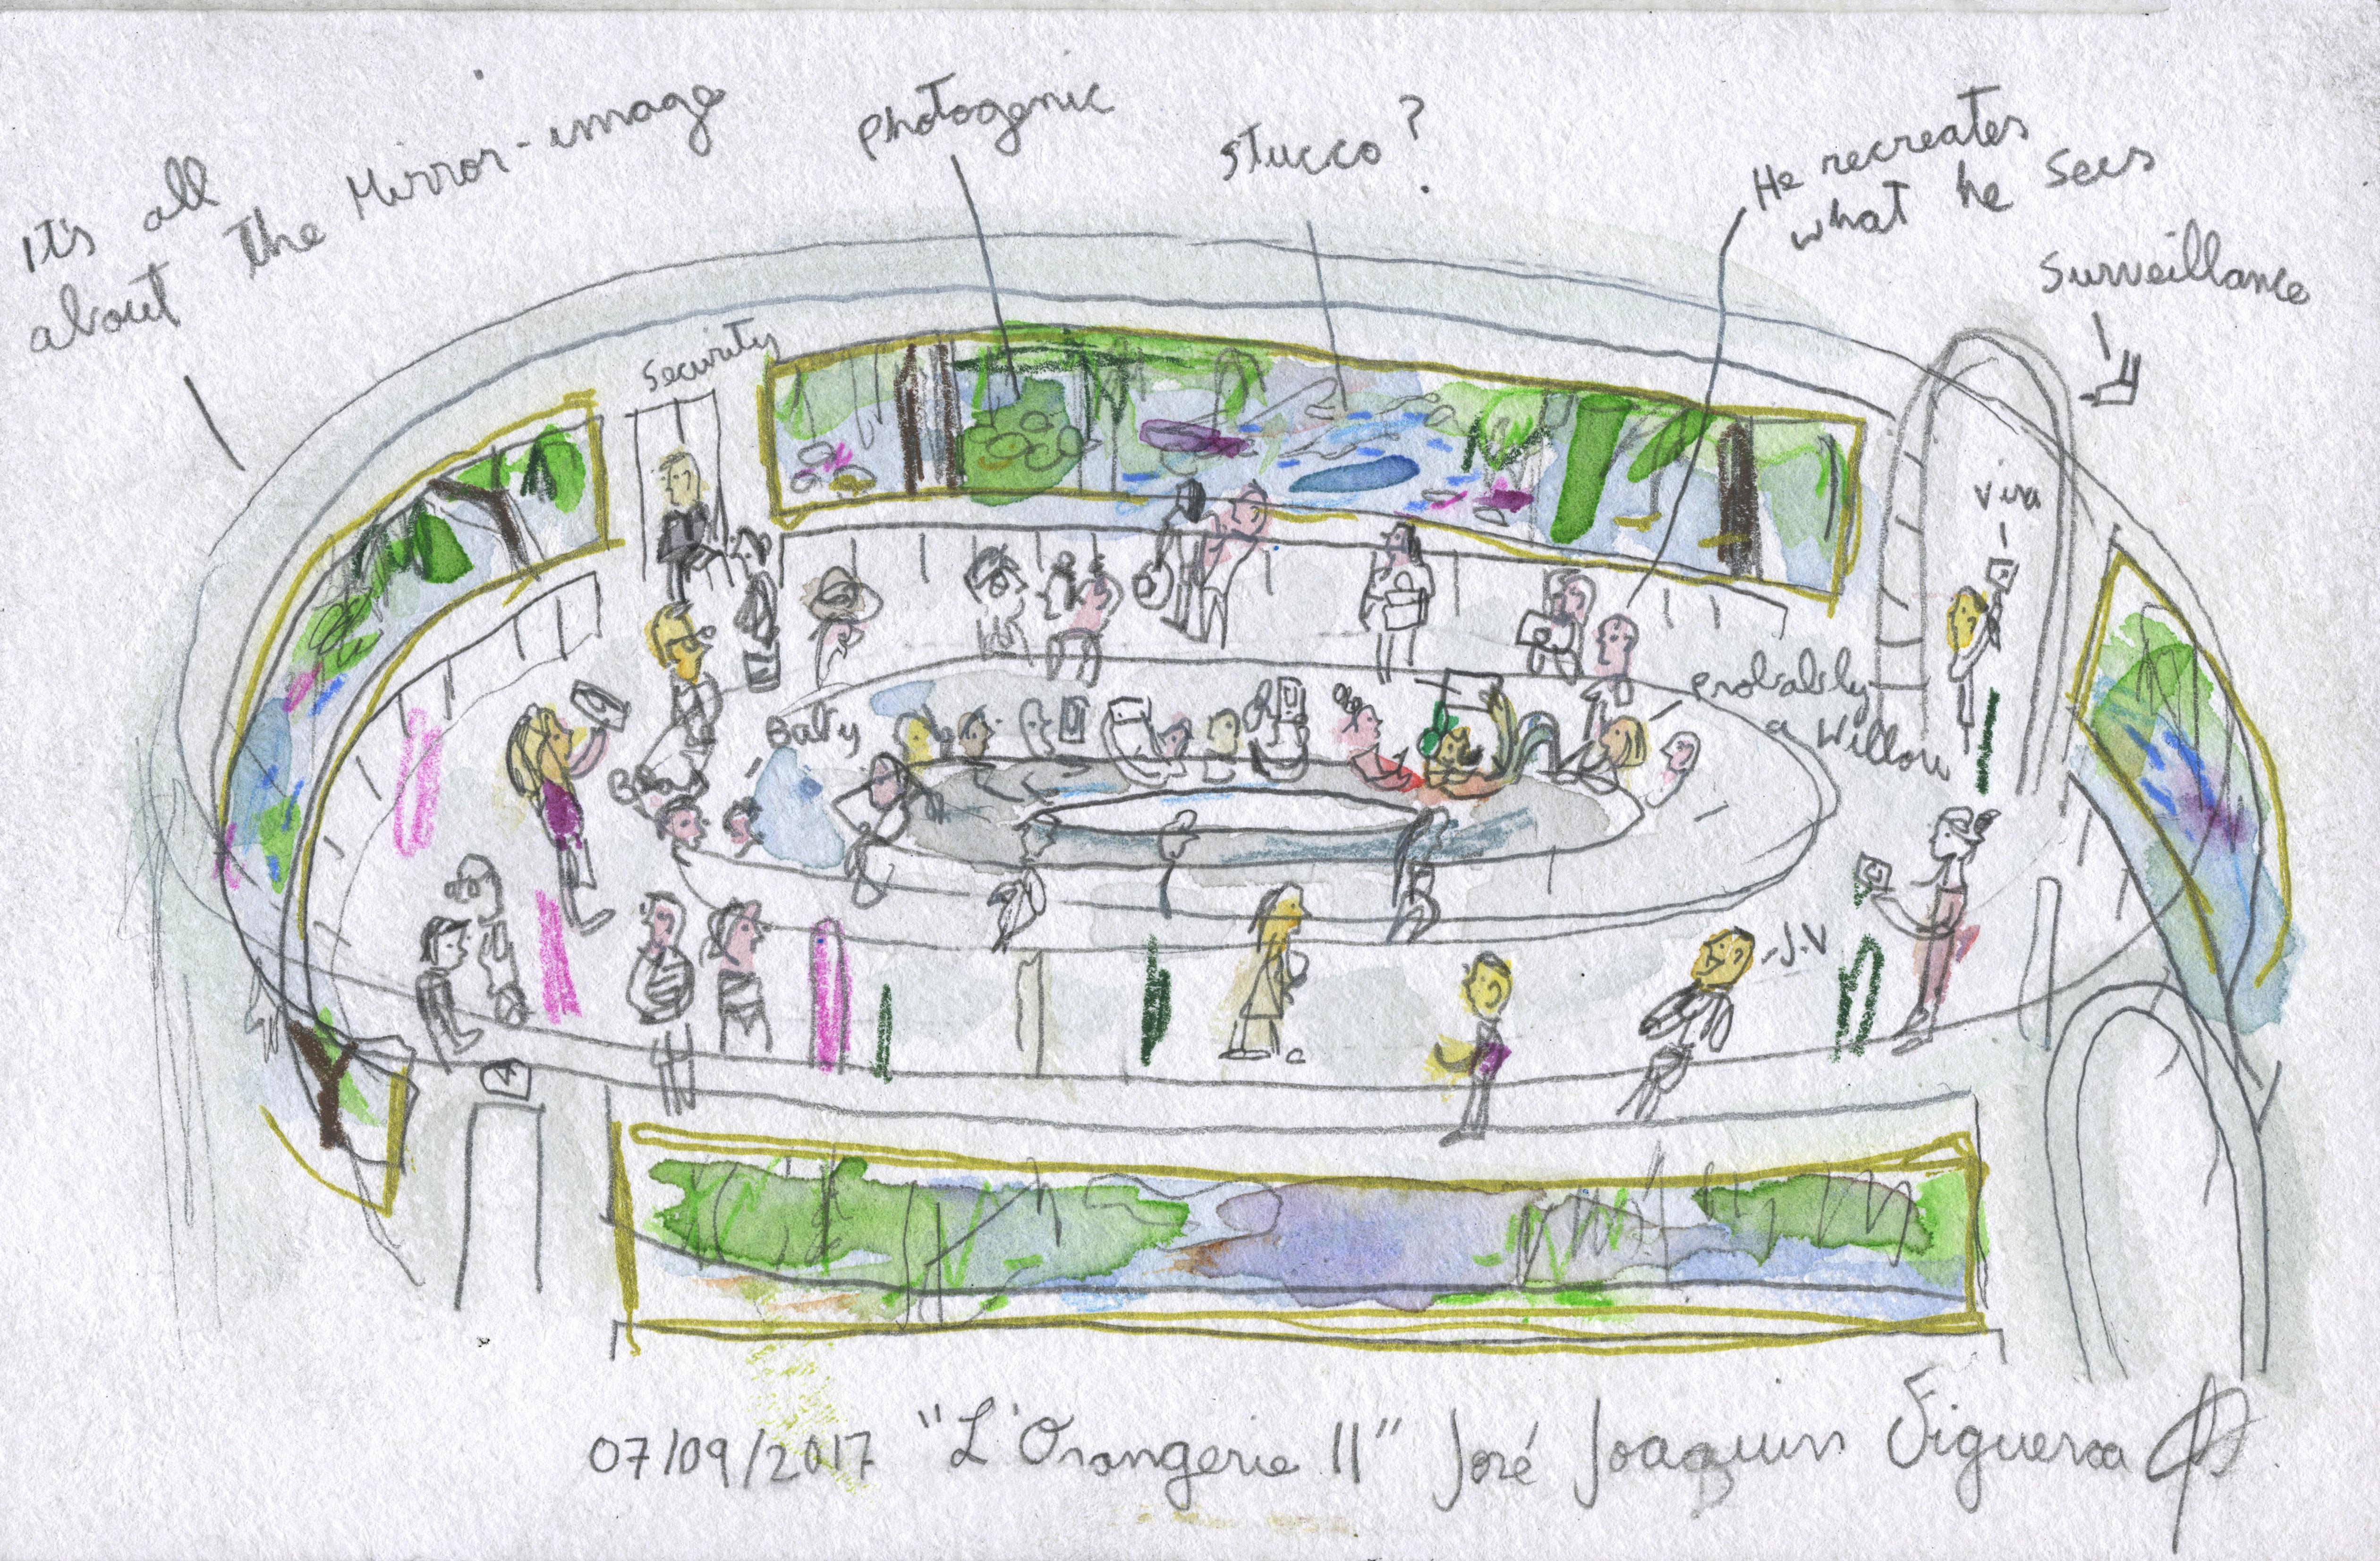 07-09-2017 l'orangerie 2